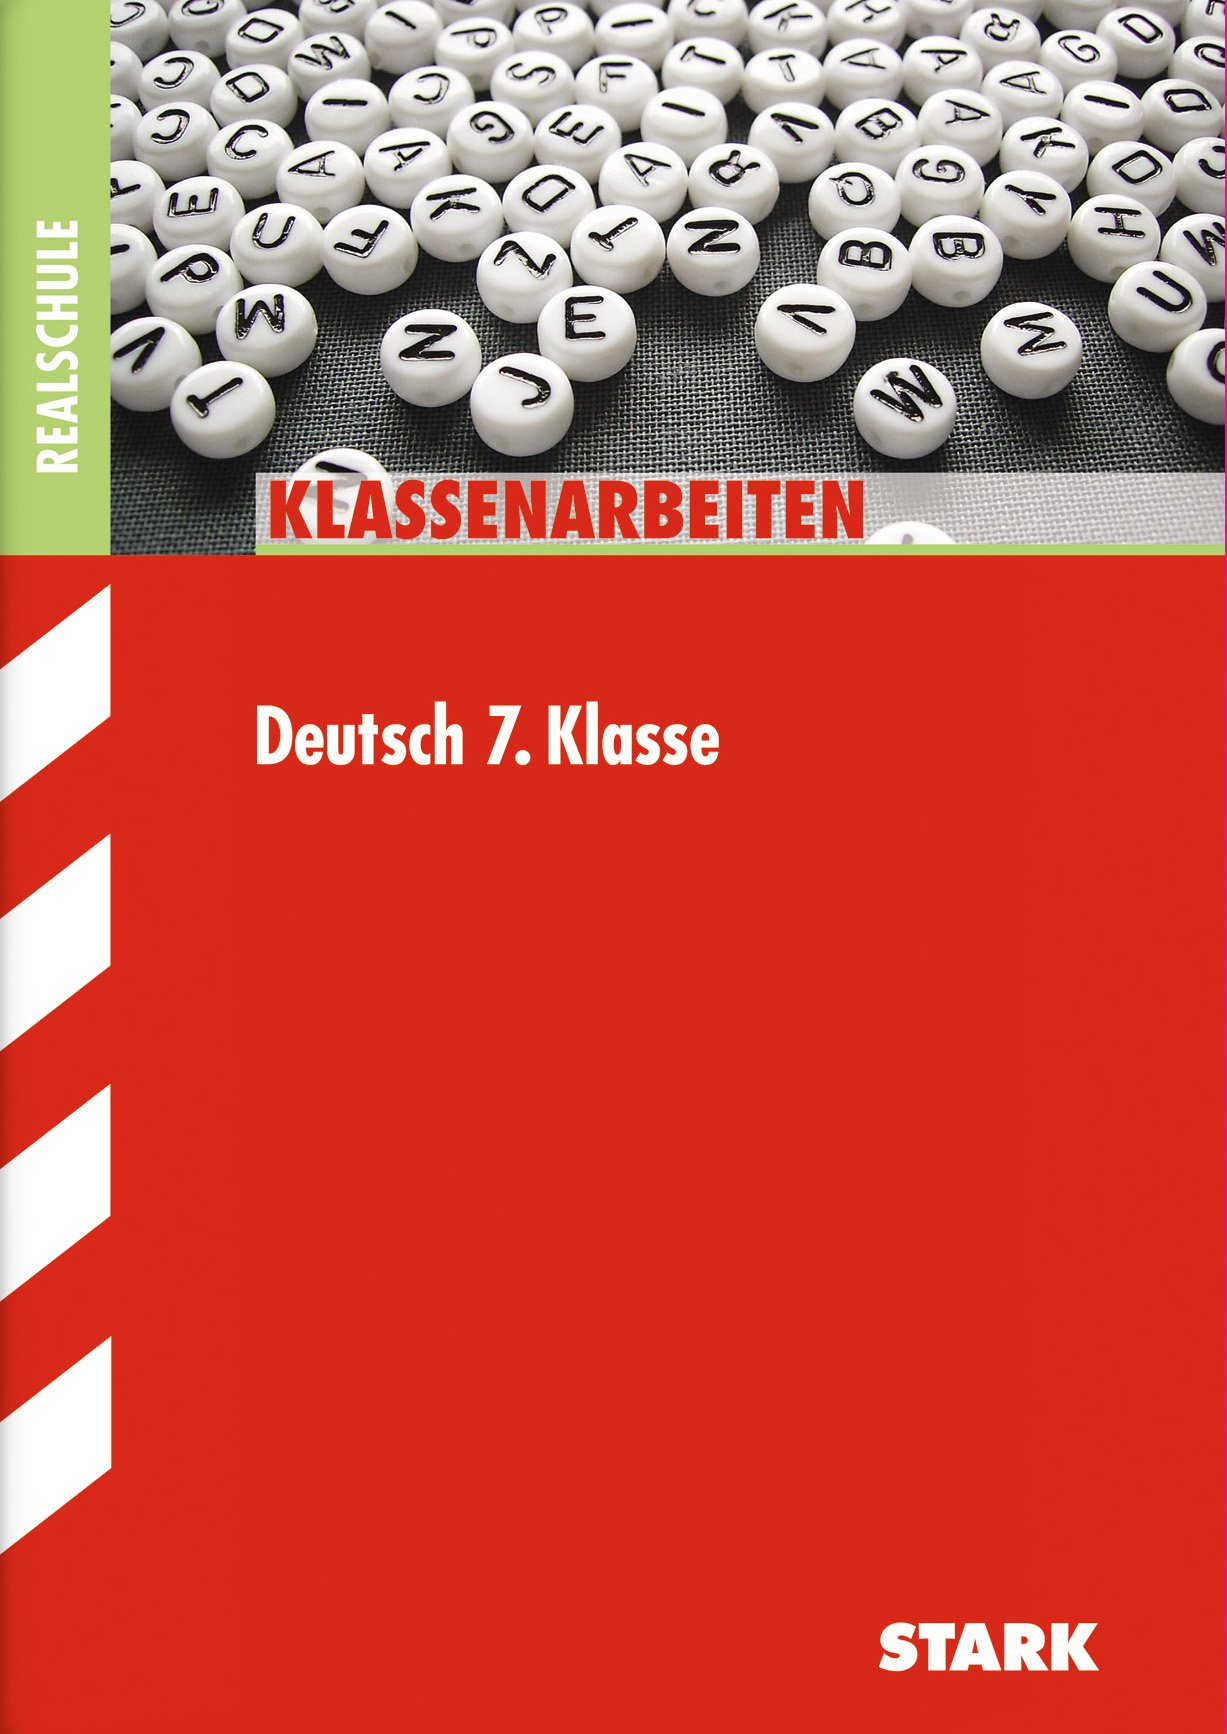 Klassenarbeiten Deutsch: Klassenarbeiten Realschule - Deutsch 7. Klasse